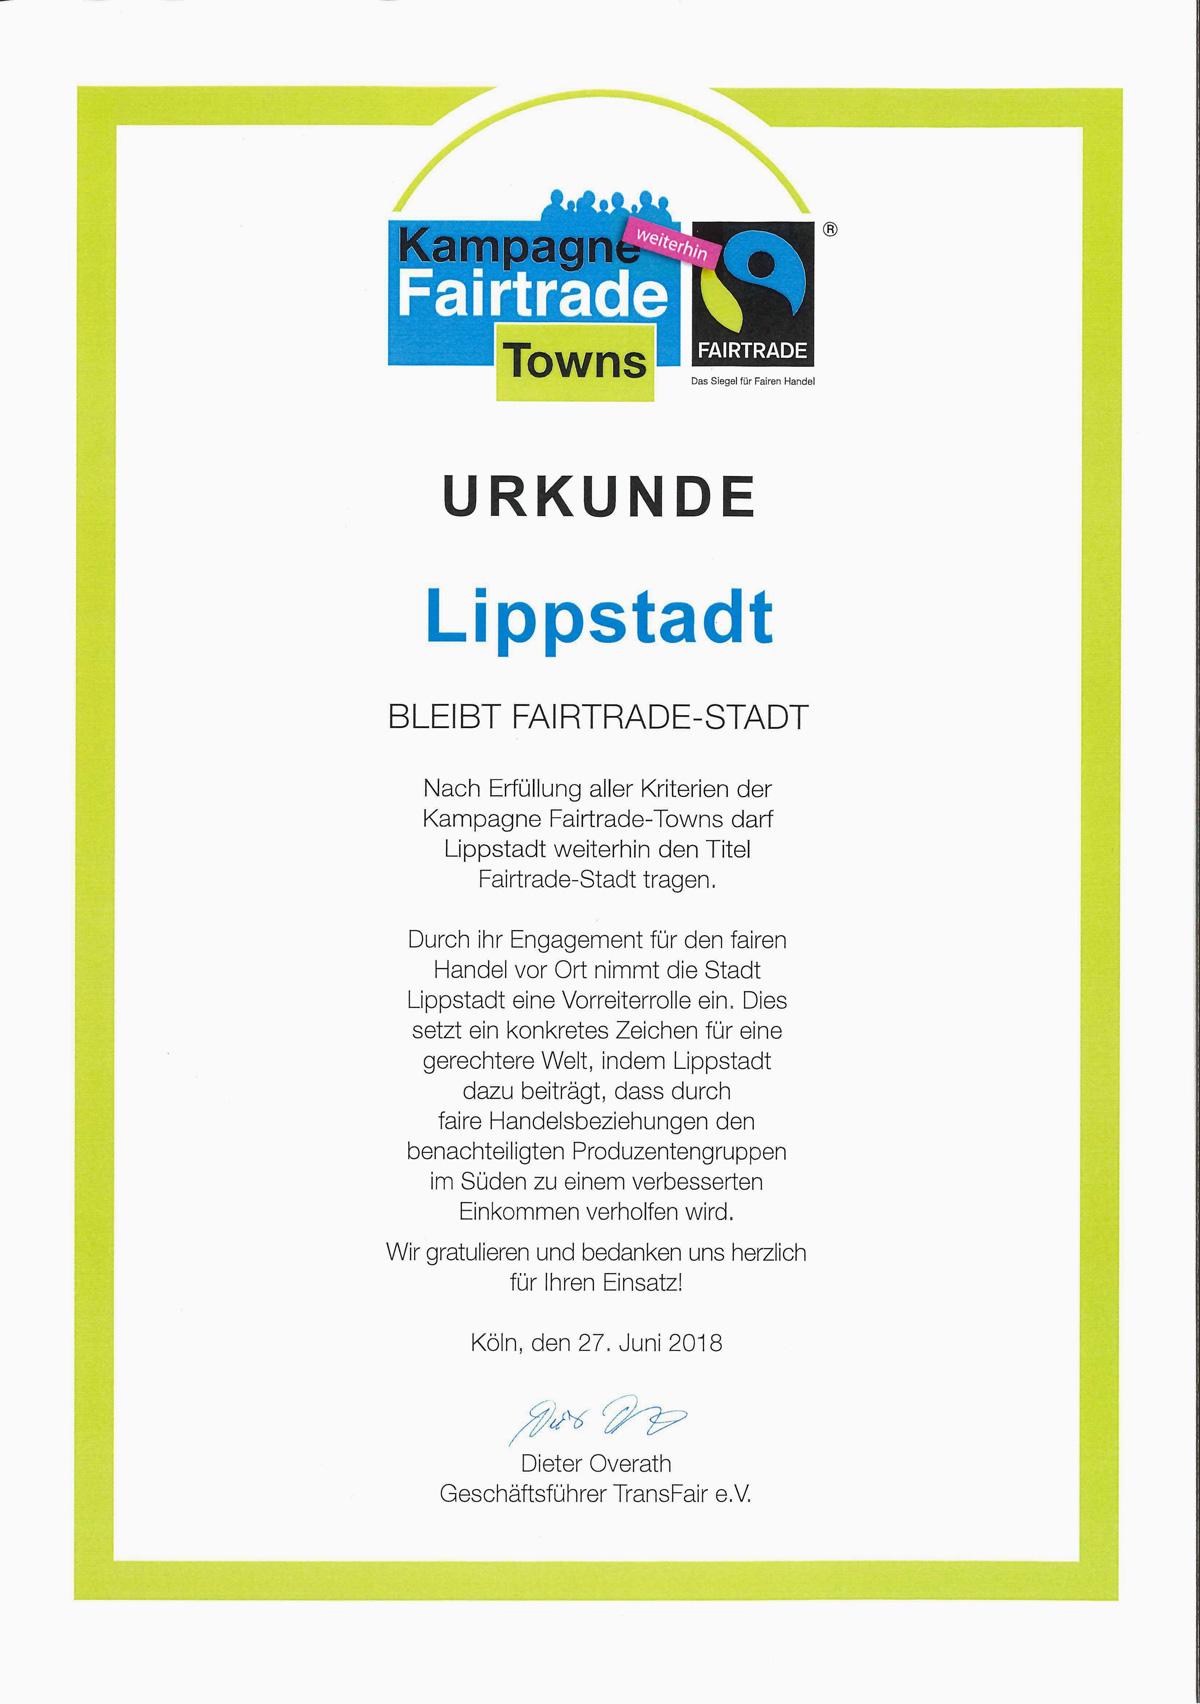 Fairtrade-Town Lippstadt Urkunde 2018